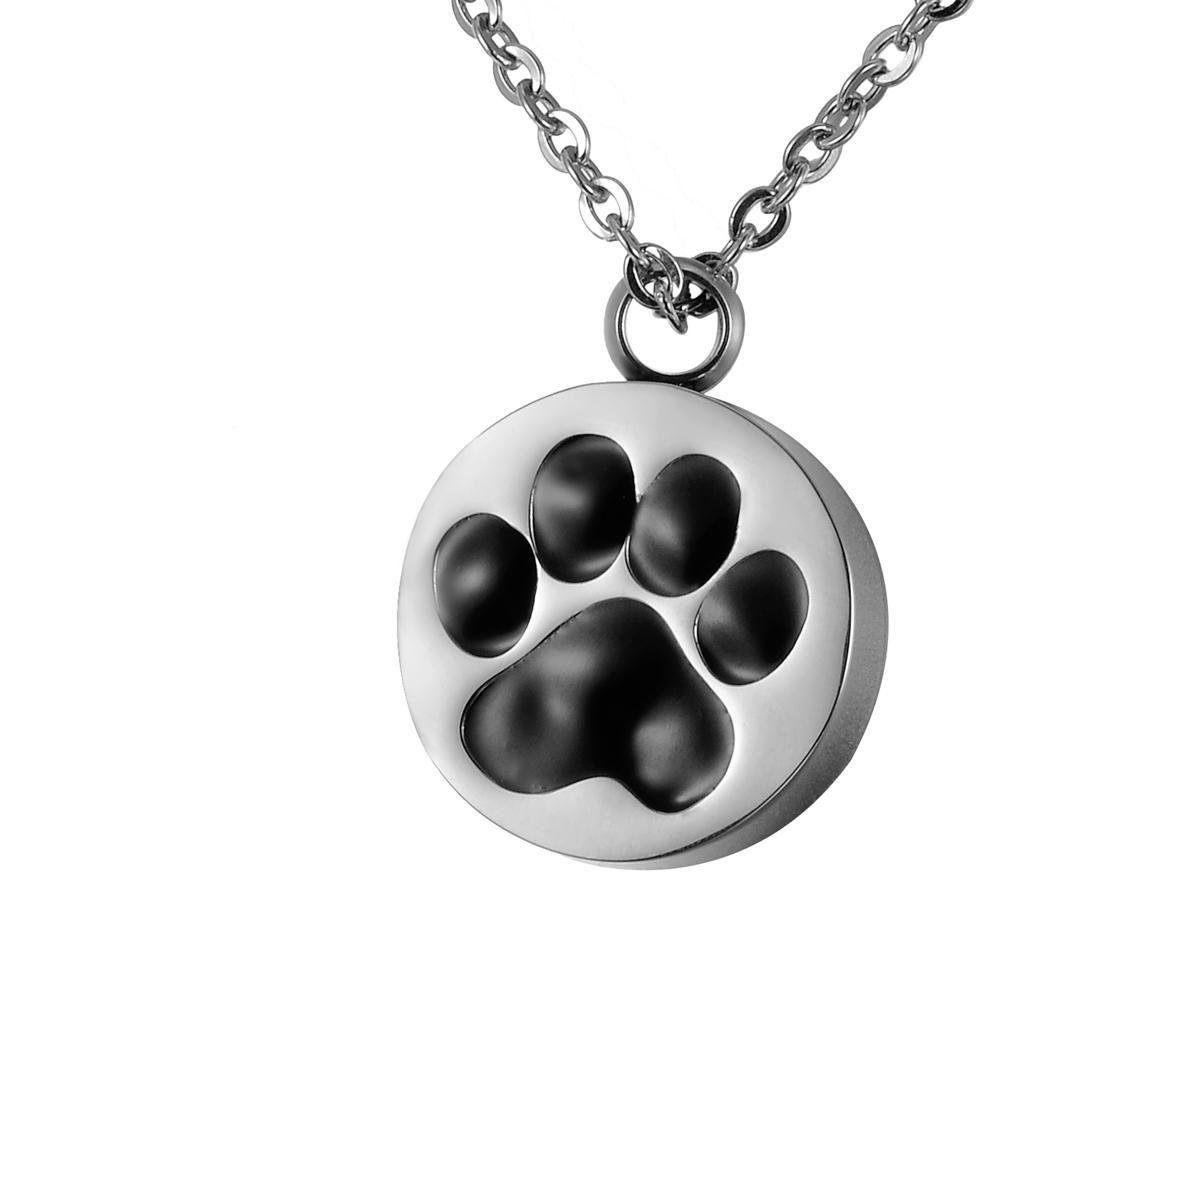 Zambak Paslanmaz Çelik Siyah Tutkal Pet Köpek Paw Yuvarlak Kremasyon Takı Külleri Kolye Keepsake Anıt Urn Kolye Hediye Çanta Ve Zincir ile